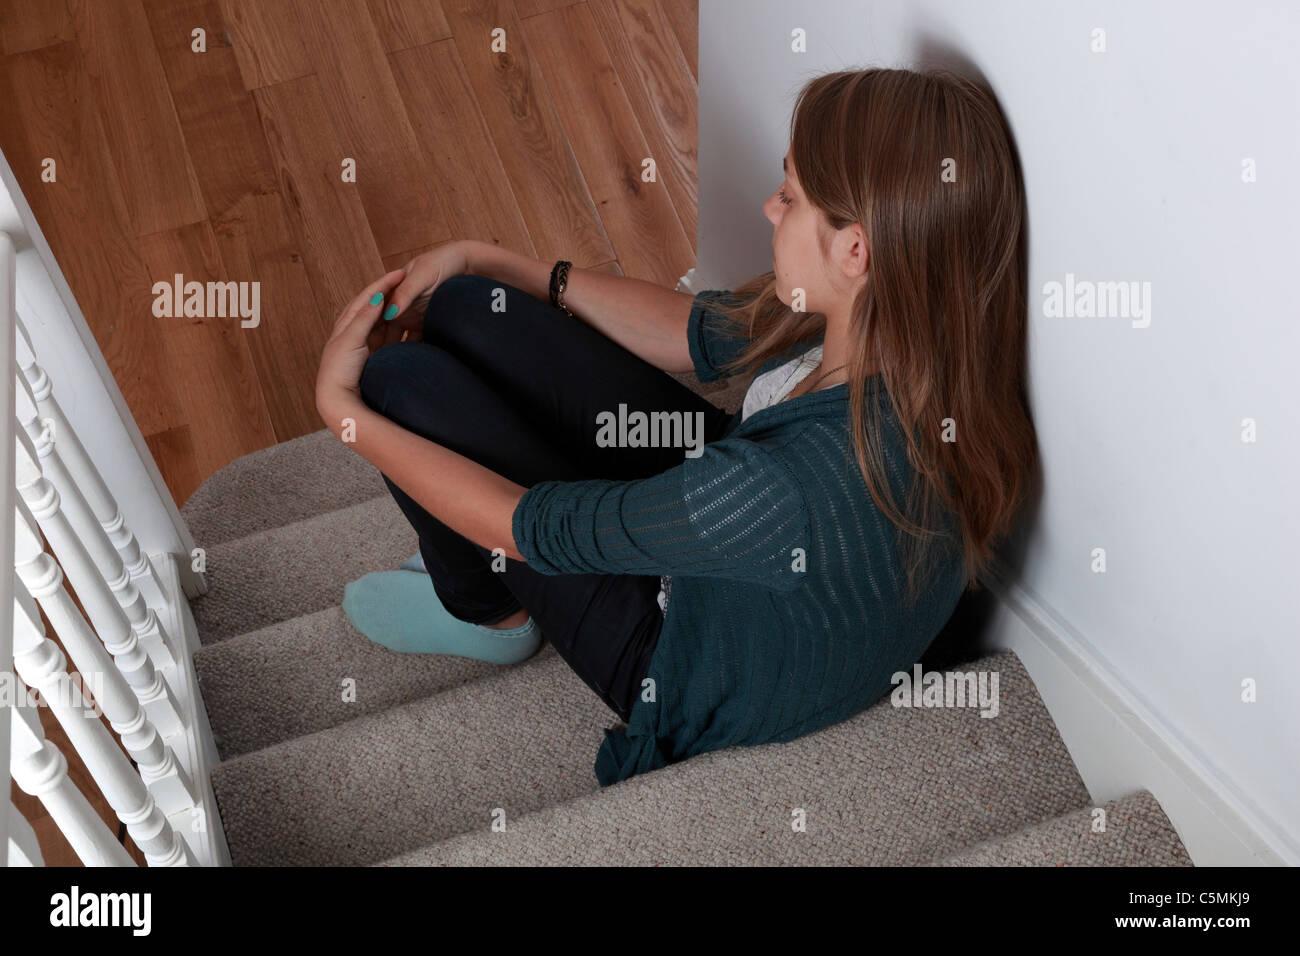 Junge Frauen sitzen auf Schritte relativo relativo und suchen, etwas traurig Imagens de Stock